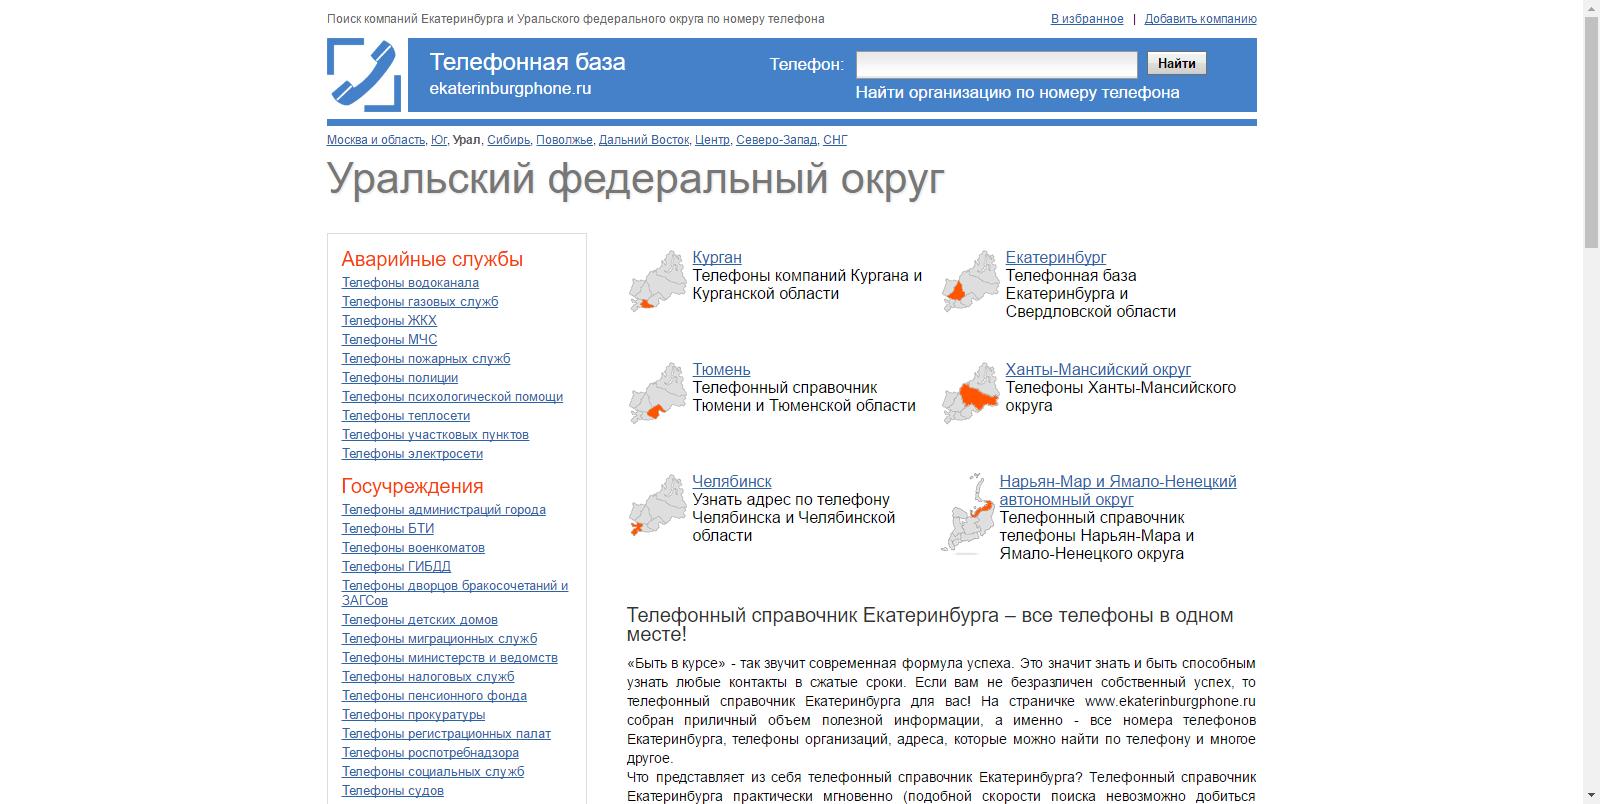 телефонный справочник железногорска красноярского края частные телефоны